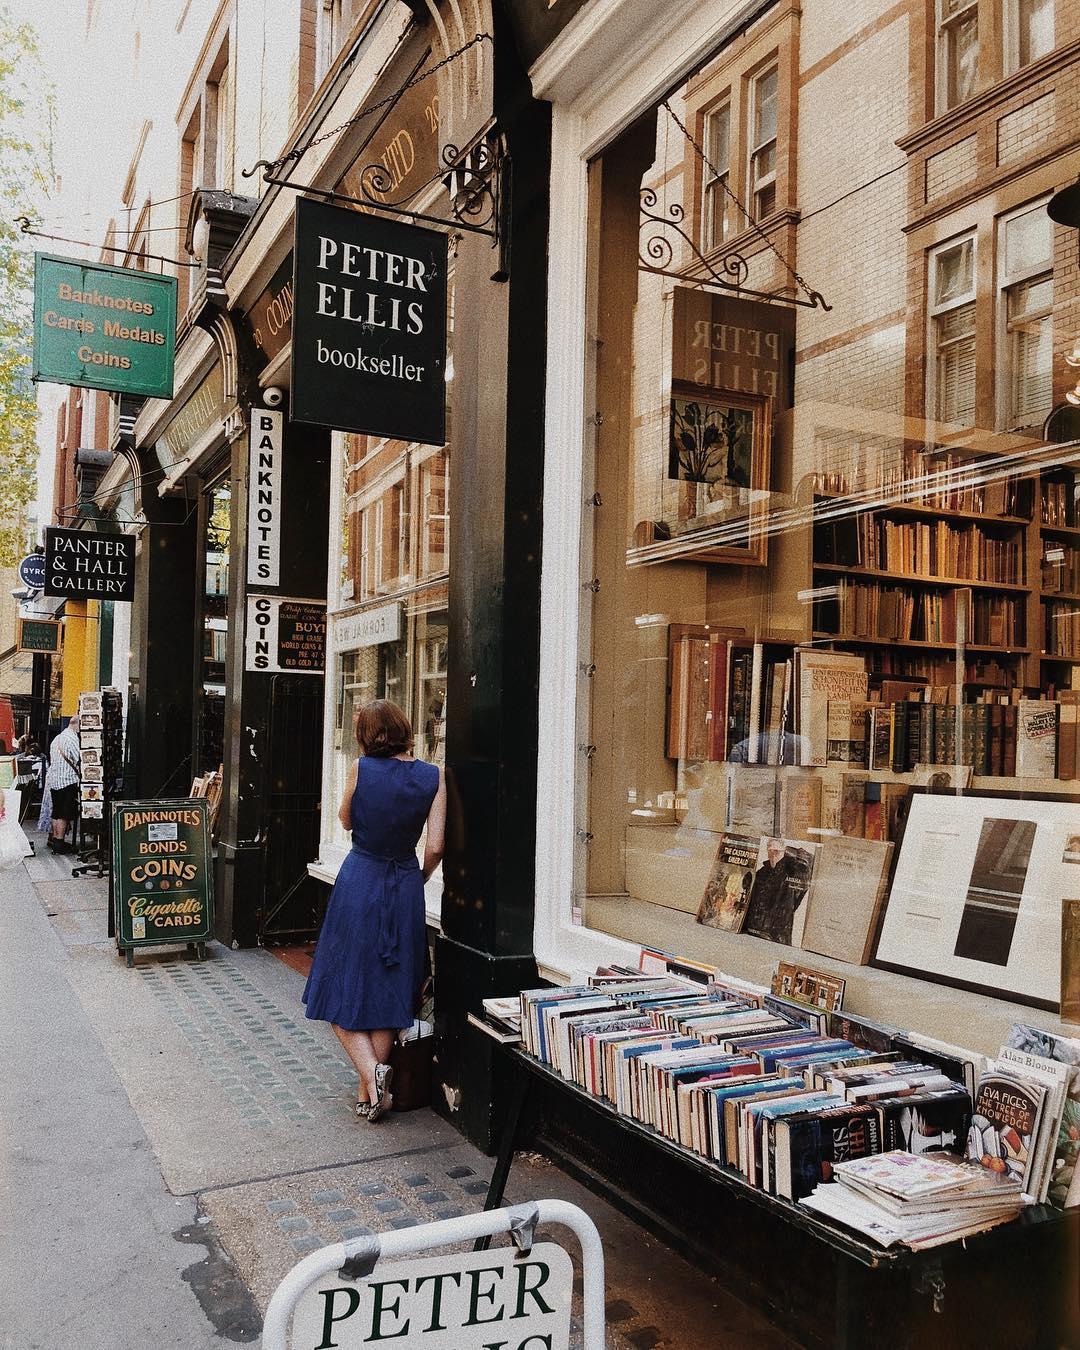 Cecil Court Victoria Alley